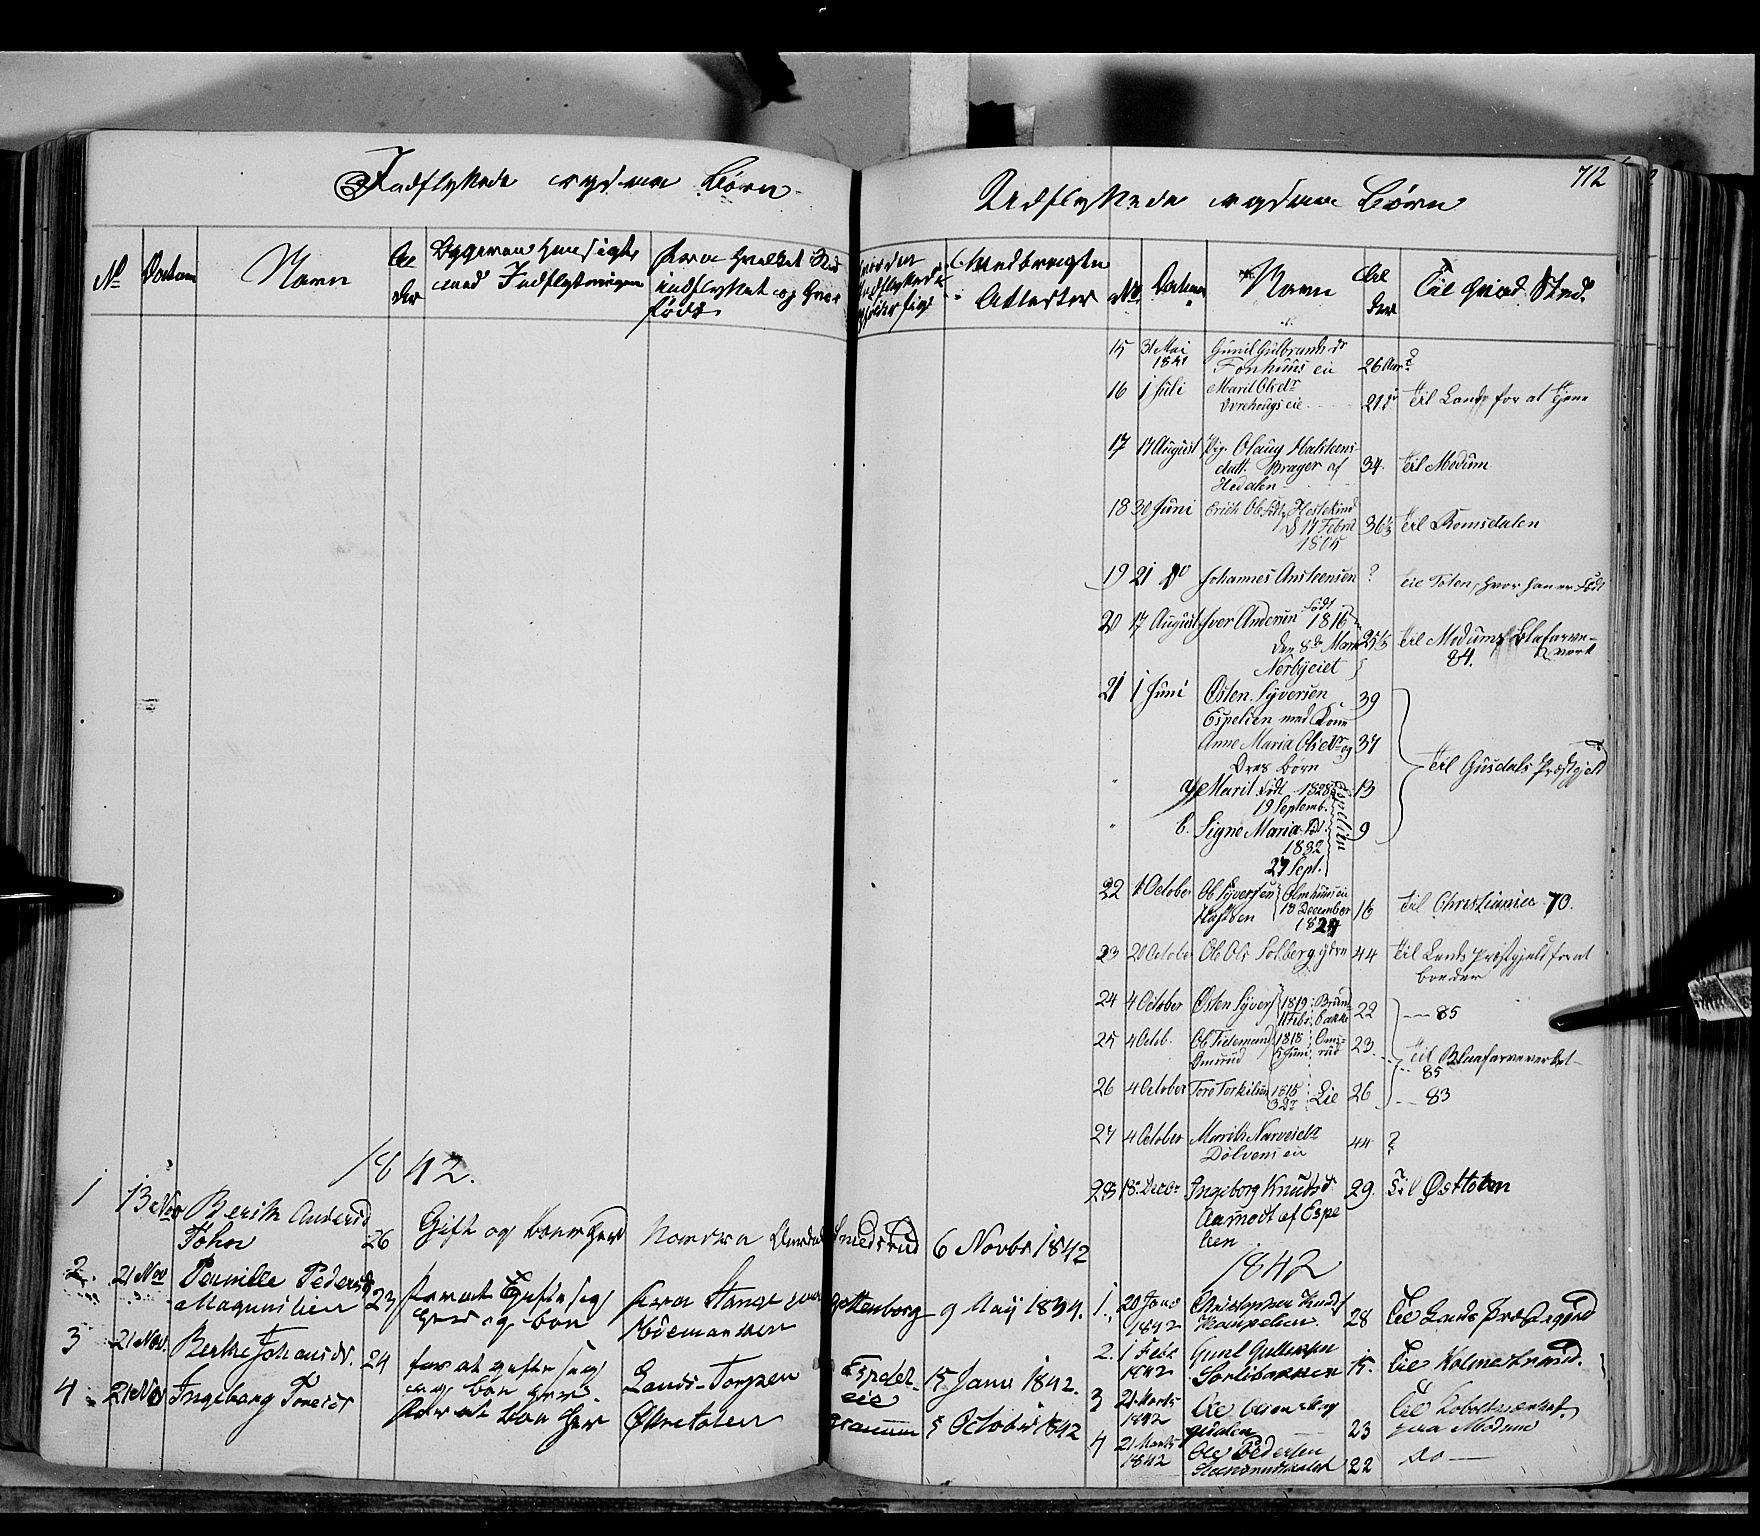 SAH, Sør-Aurdal prestekontor, Ministerialbok nr. 4, 1841-1849, s. 711-712